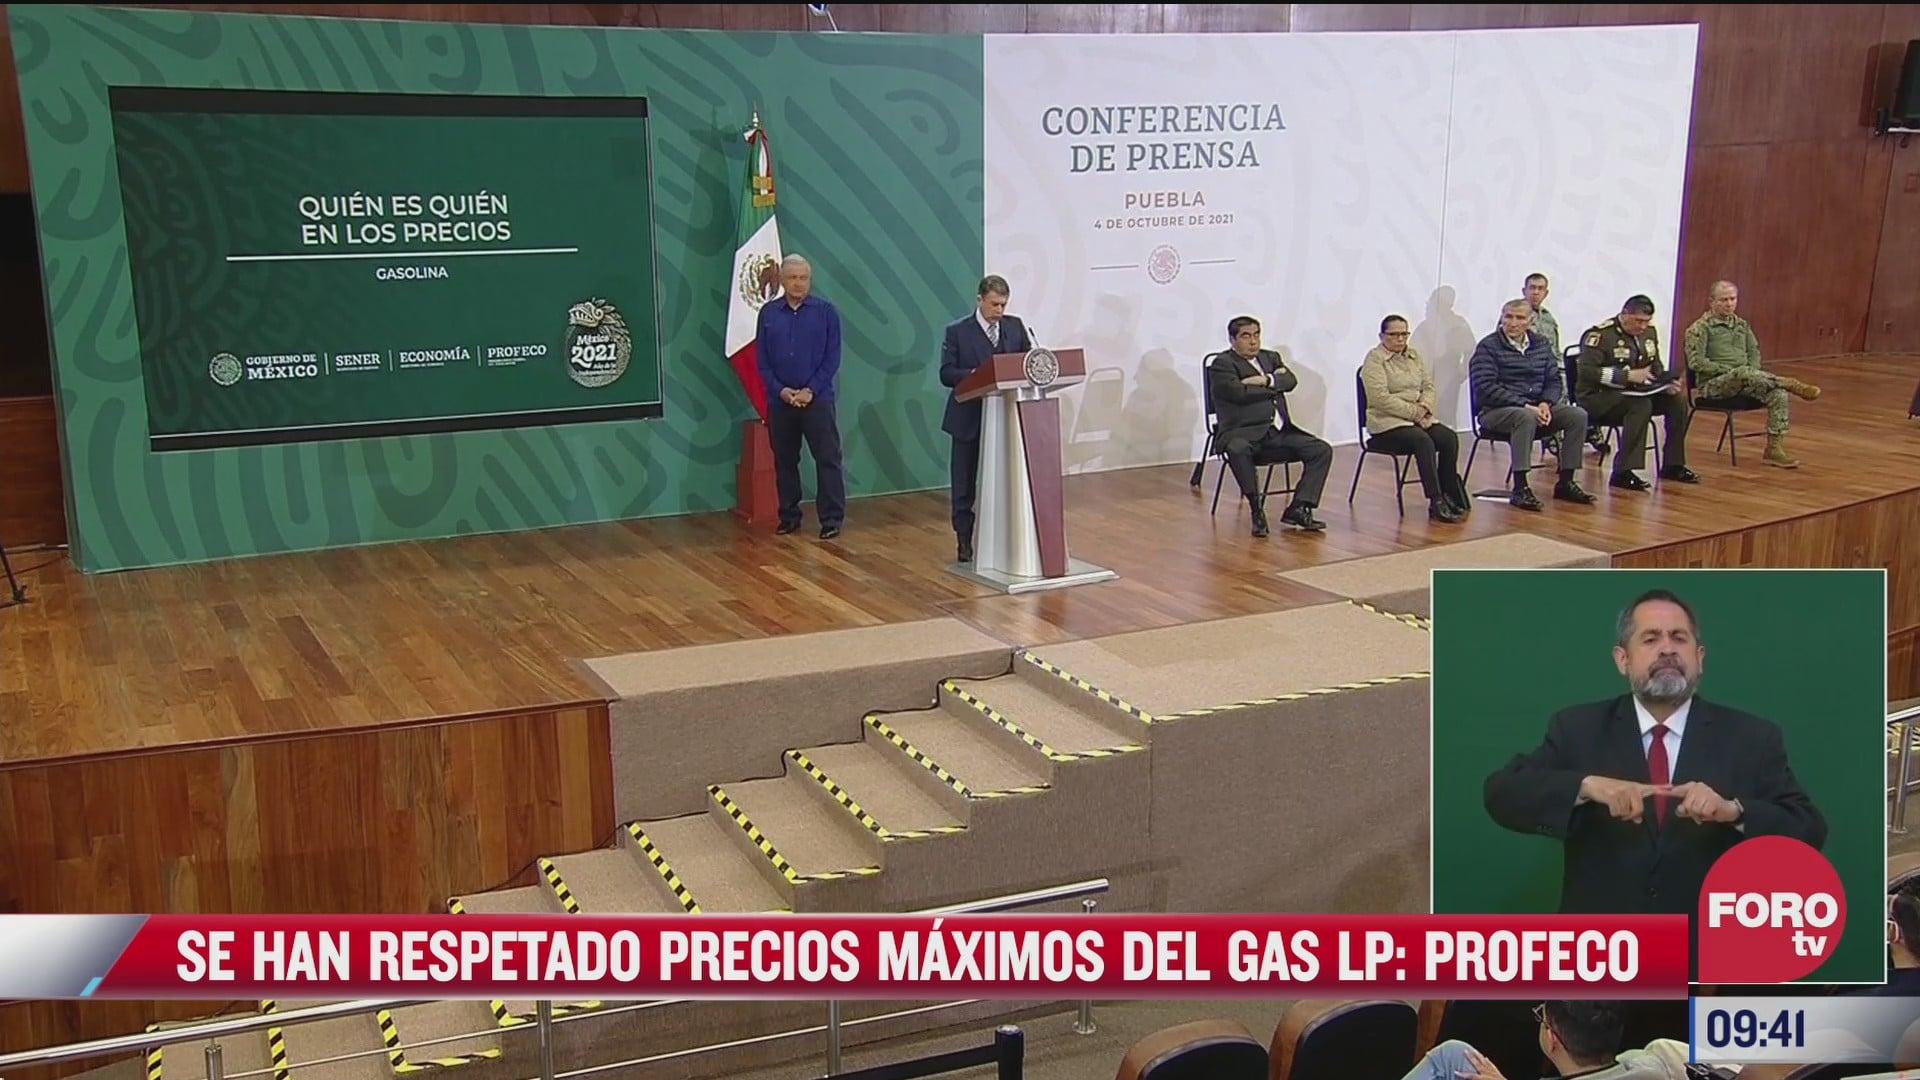 se han respetado los precios maximos del gas lp profeco